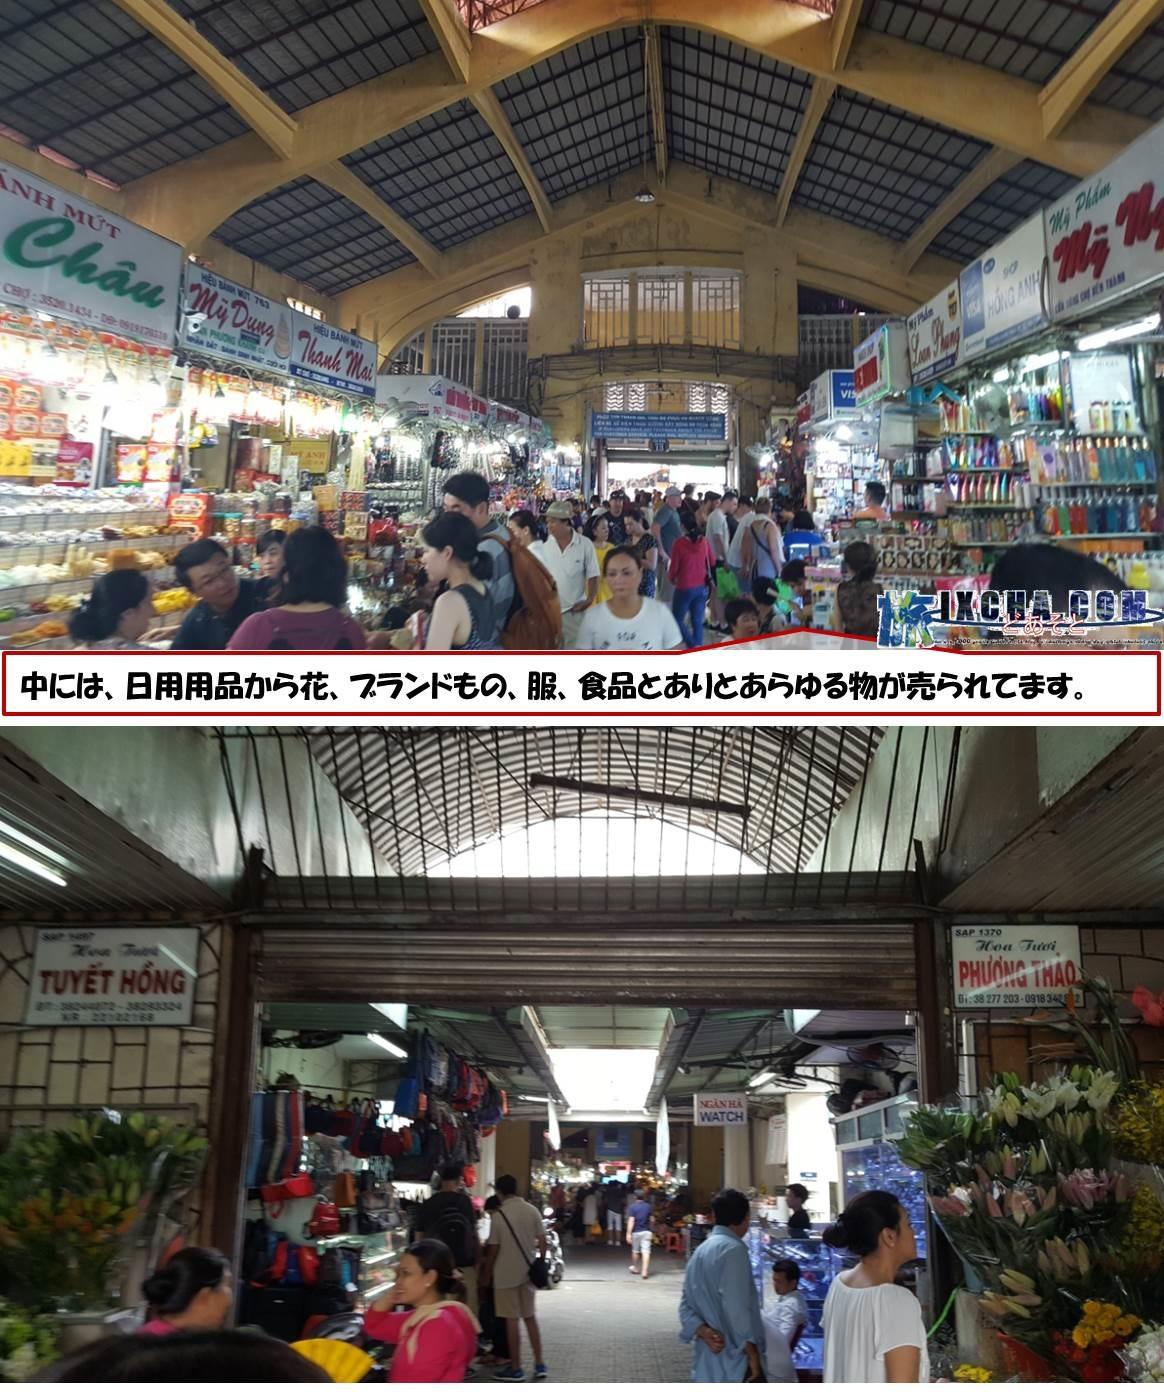 中には、日用用品から花、ブランドもの、服、食品とありとあらゆる物が売られてます。